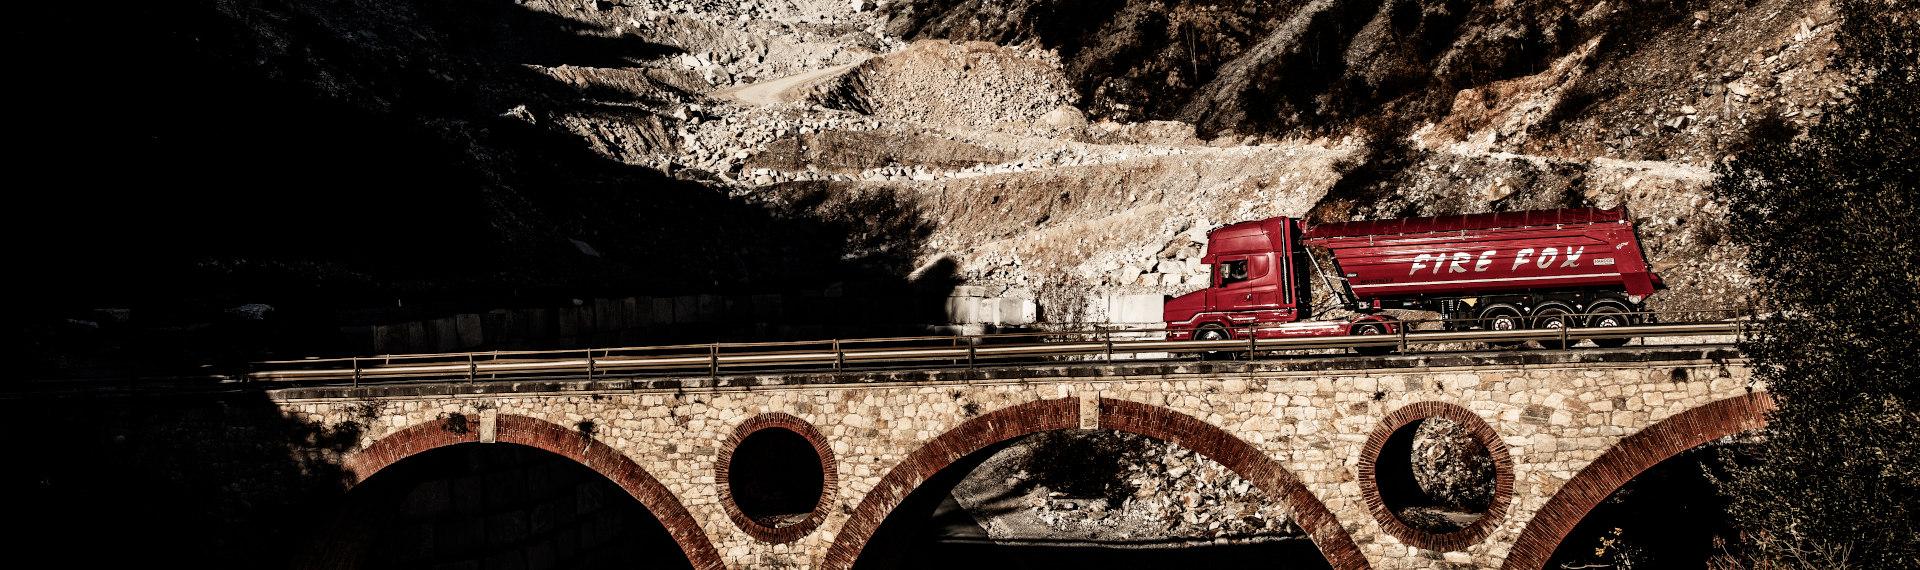 Hardox 500 Tuf 강판으로 제작된 불타는 듯한 붉은색 파이어 폭스 트럭이 다리를 건너고 있습니다